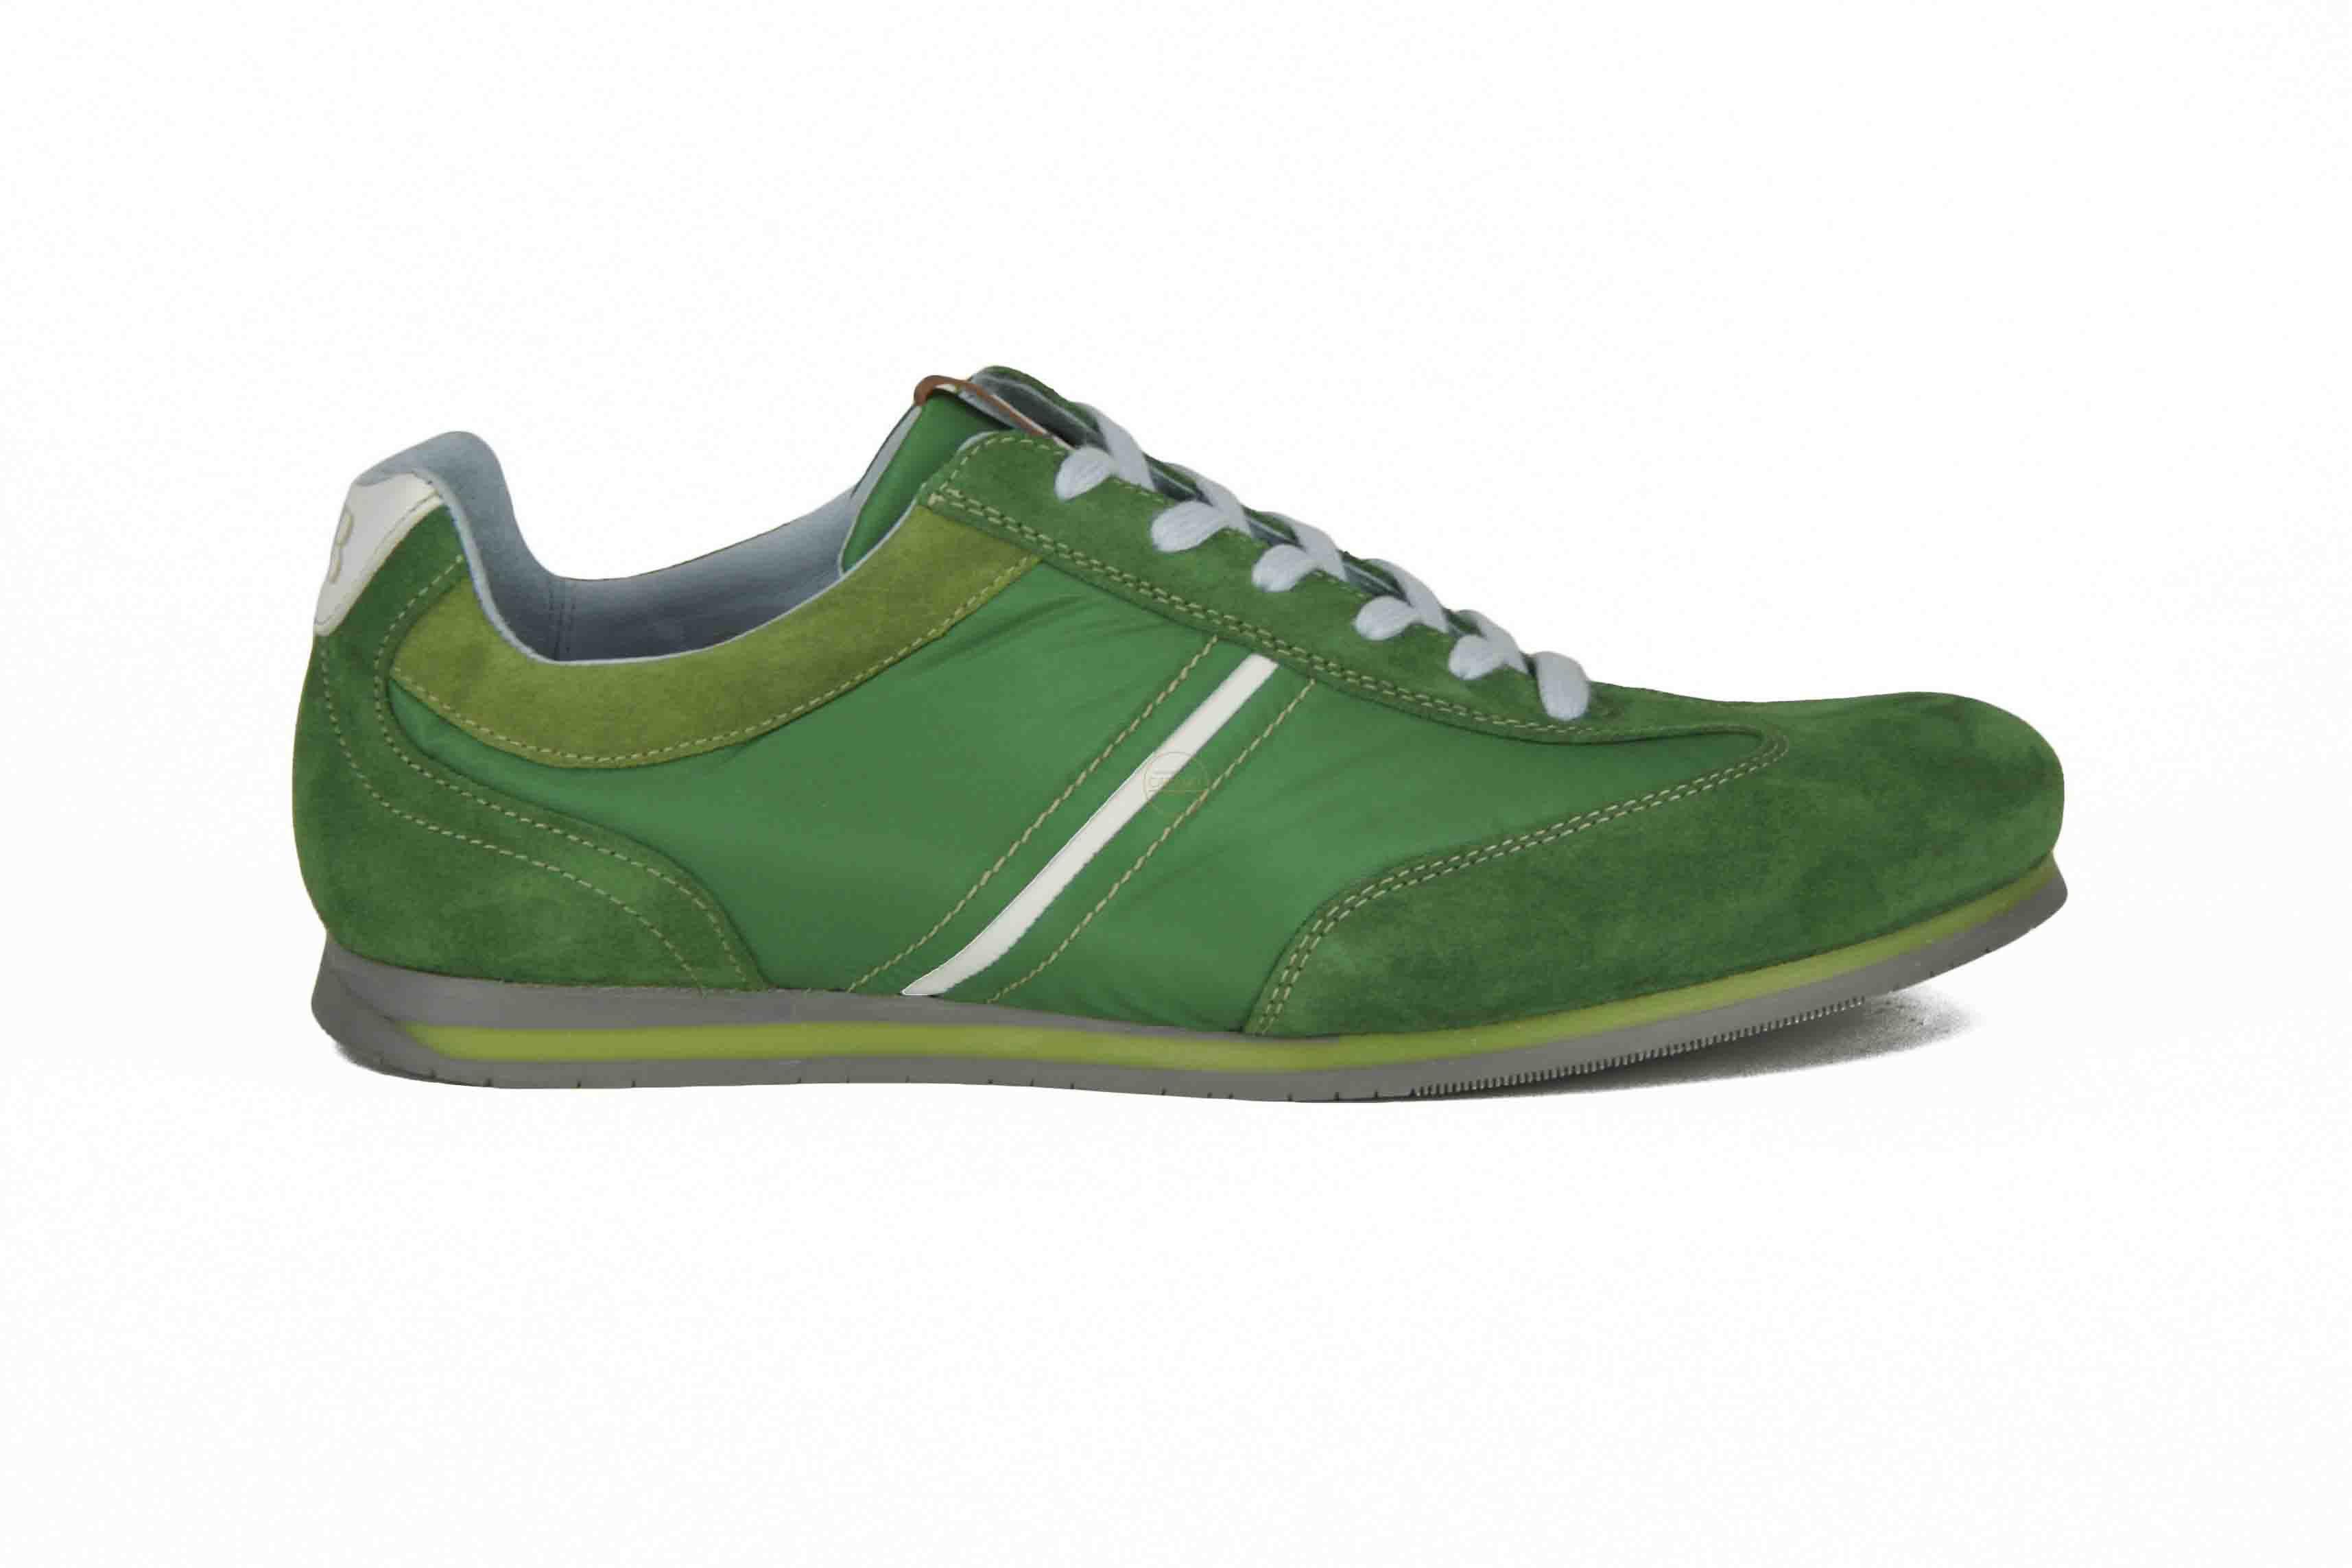 Mag het wat kleur zijn voor jou? Groene sportieve schoenen van Floris van Bommel! #VanBommel #Zomer2014 #SchoenenCaramel